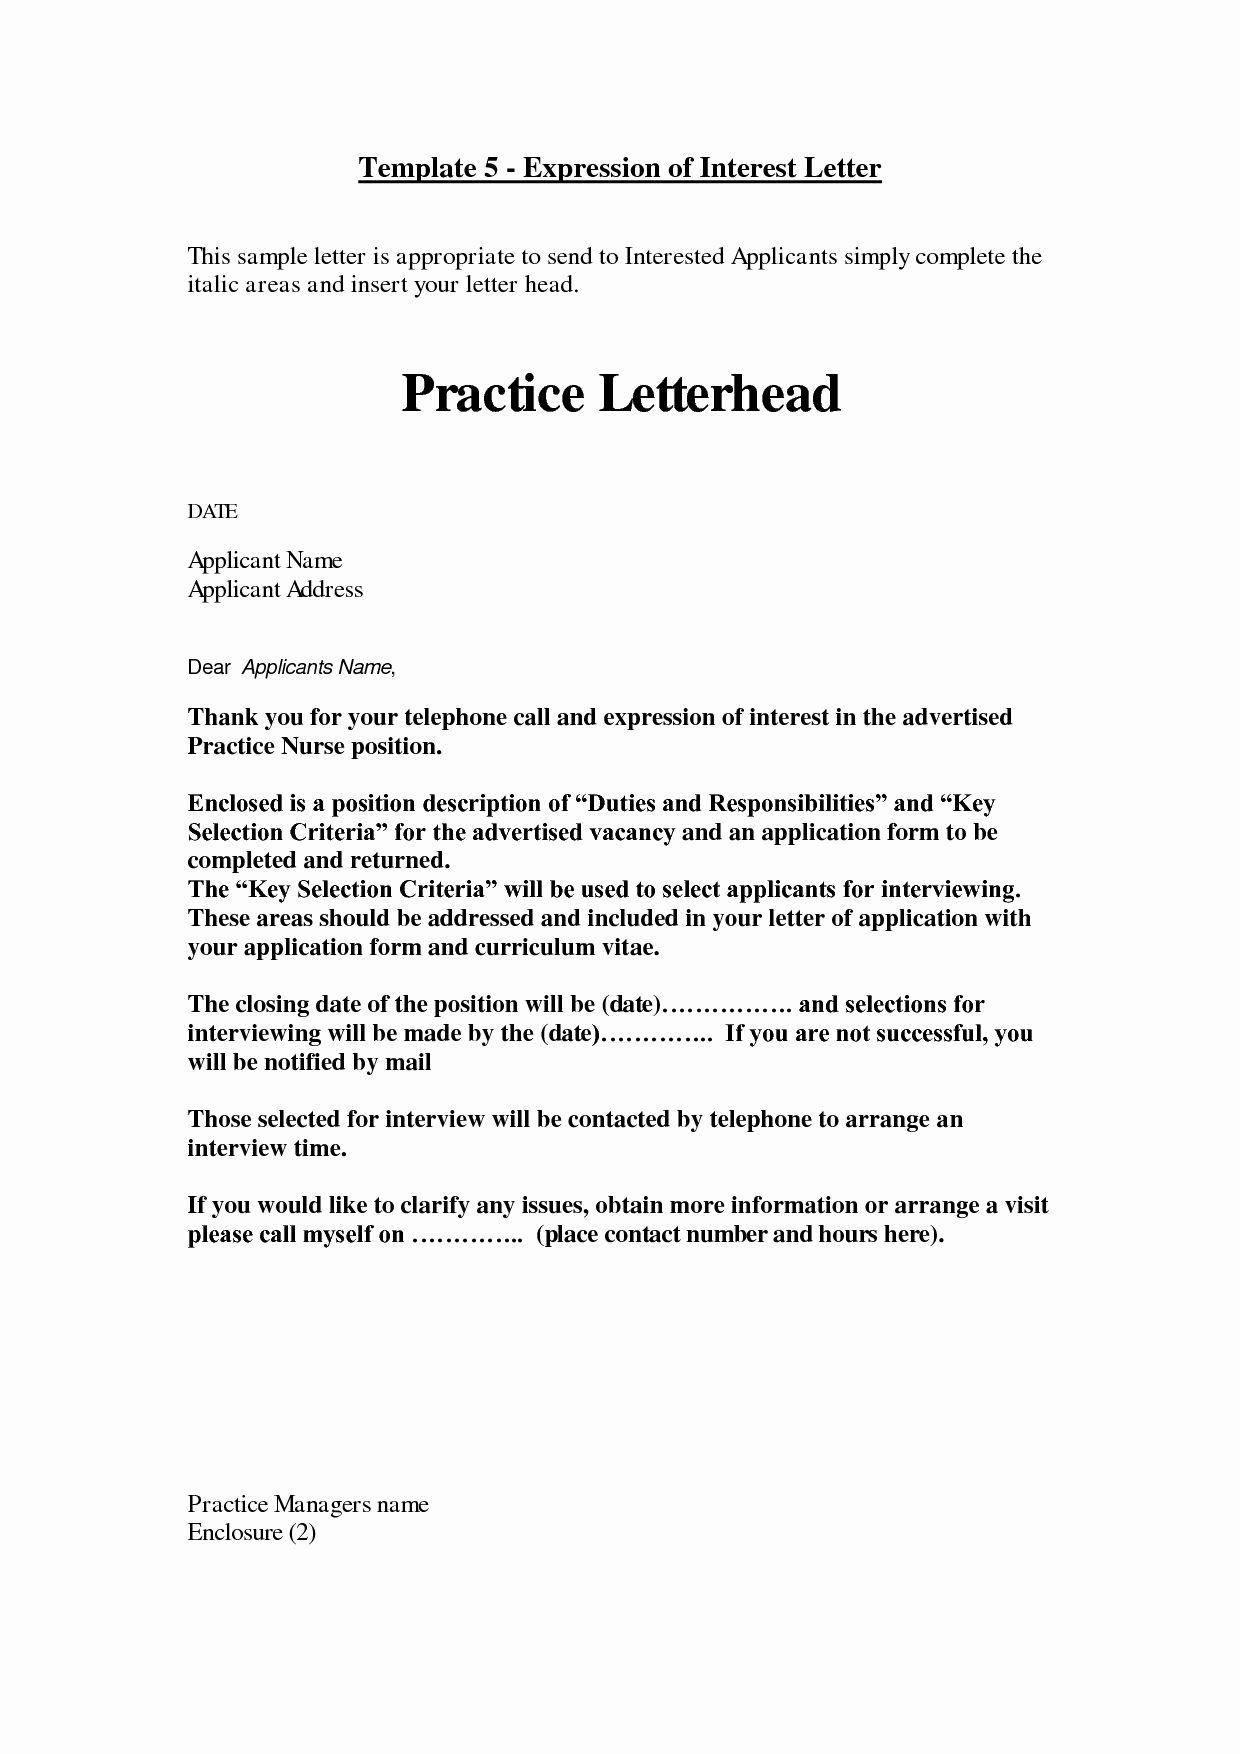 Expression Of Interest Letter Sample Pdf